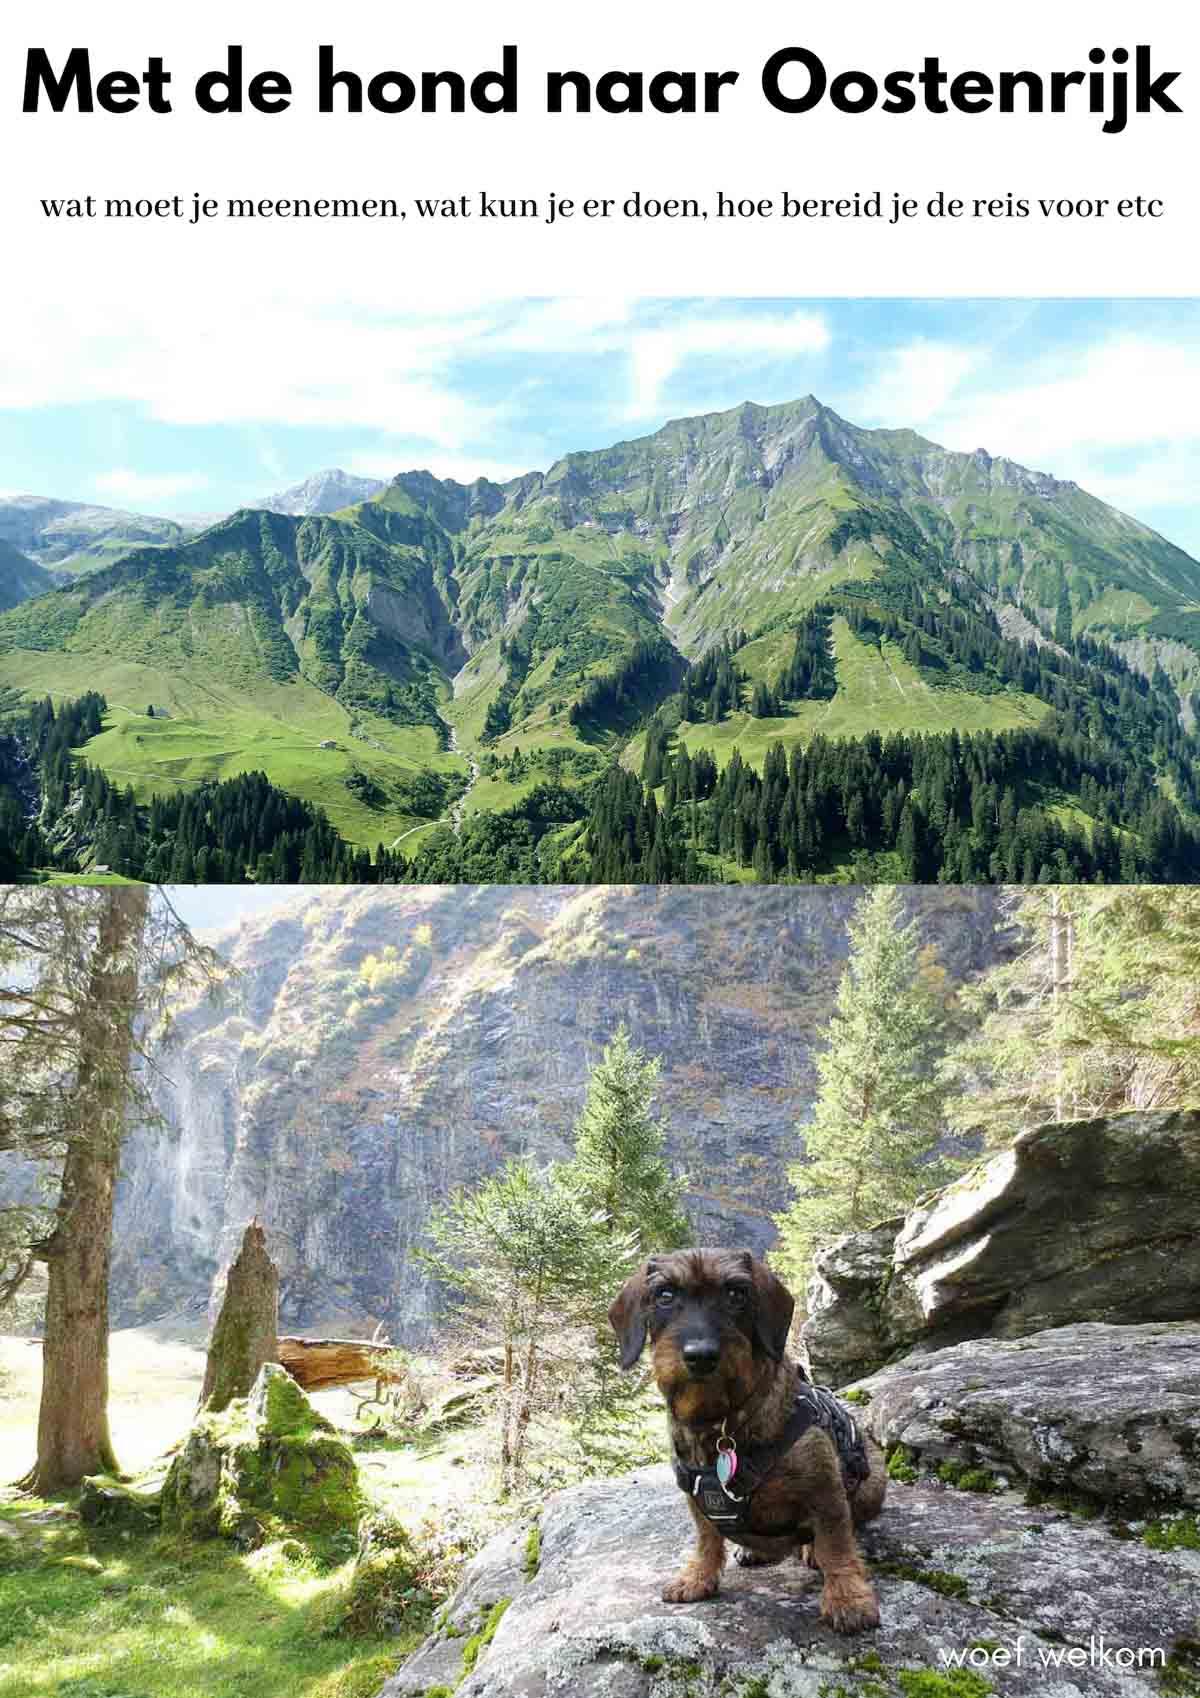 Met de hond naar Oostenrijk